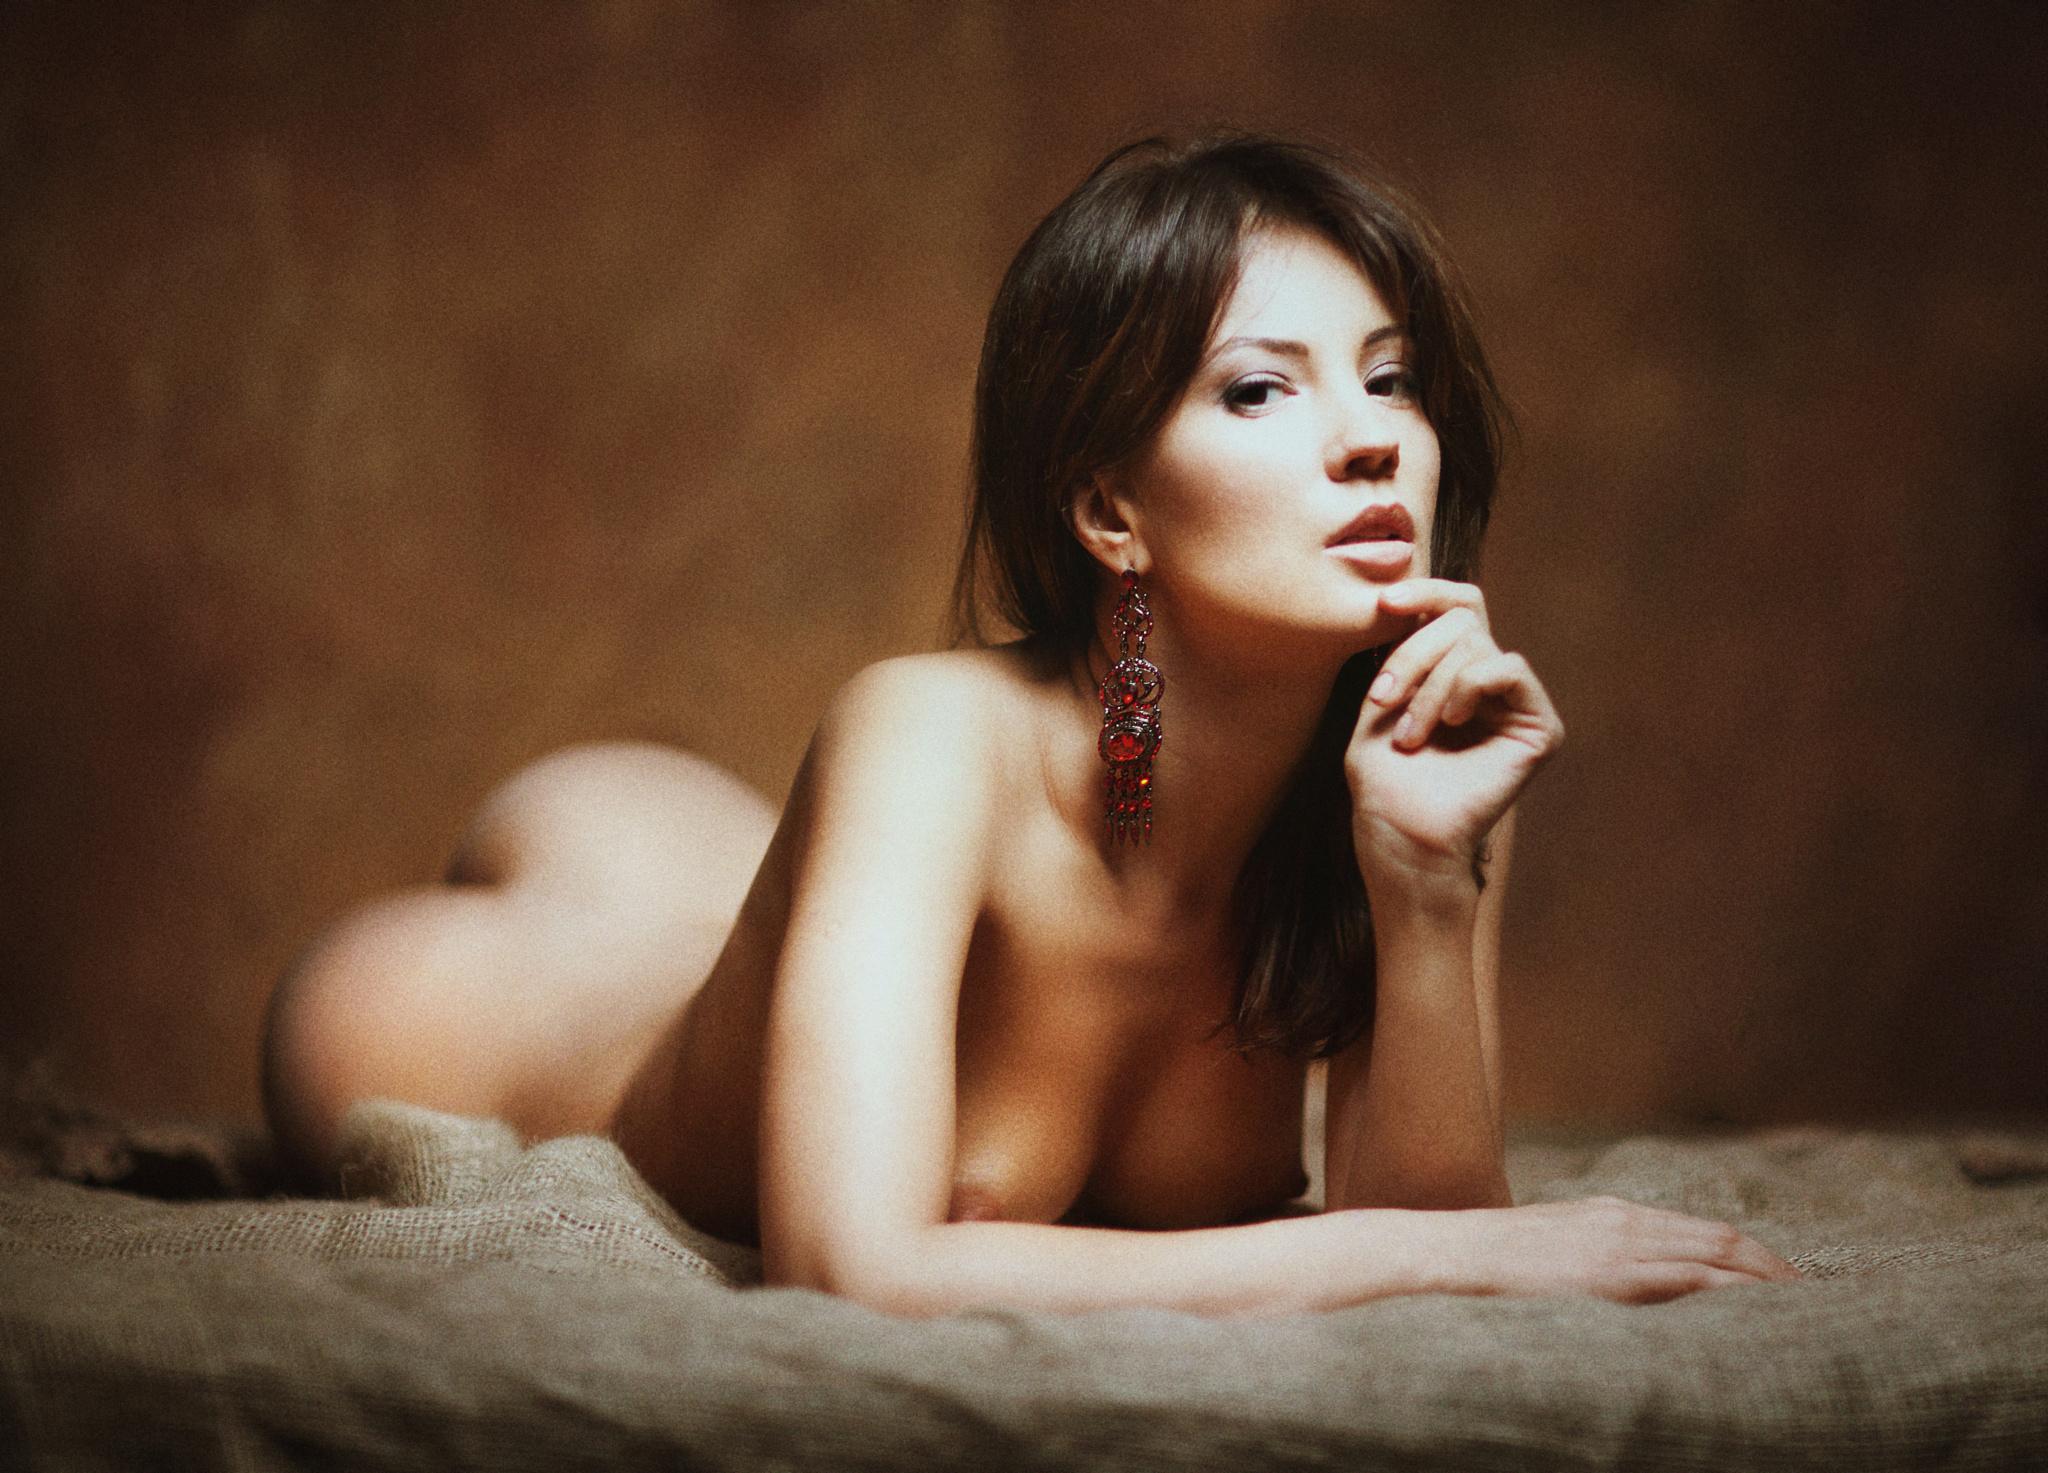 Фото эротика профессиональное, Ню фото красивых девушек и женщин. Смотреть бесплатно 23 фотография